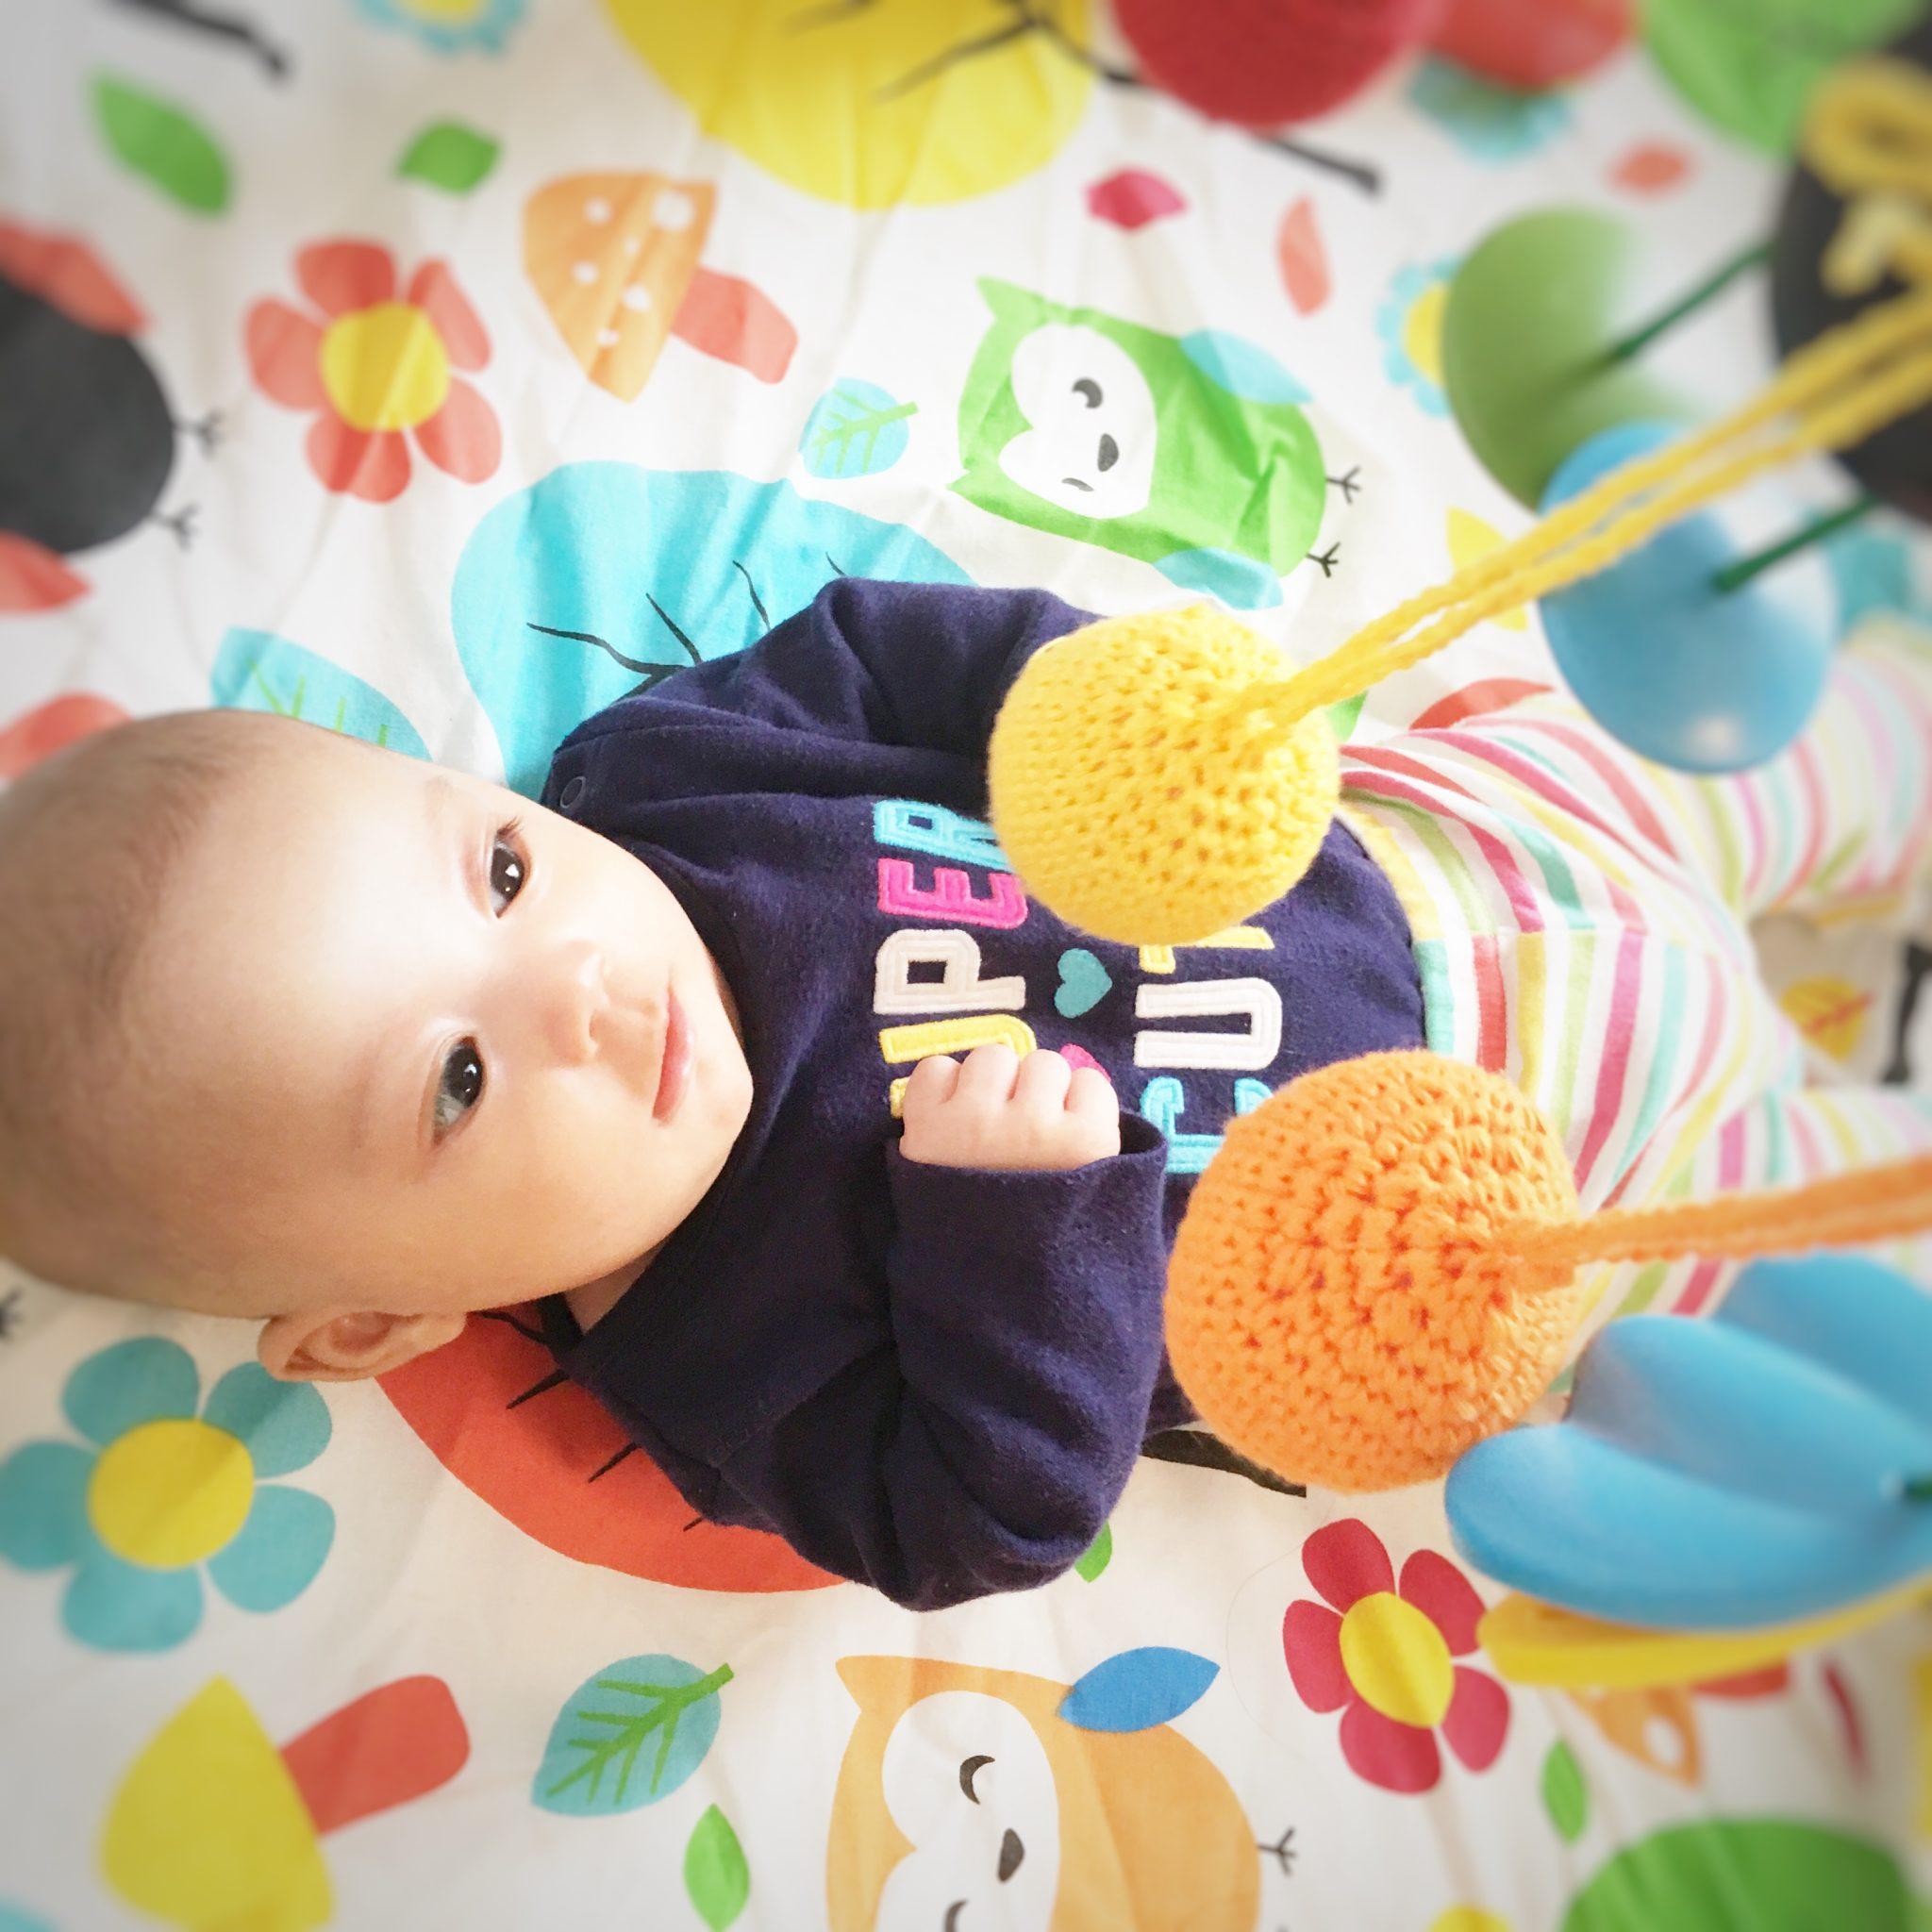 Kegiatan Sensorial Bayi Montessori 1 Mengikuti Gerakan Dengan Mata